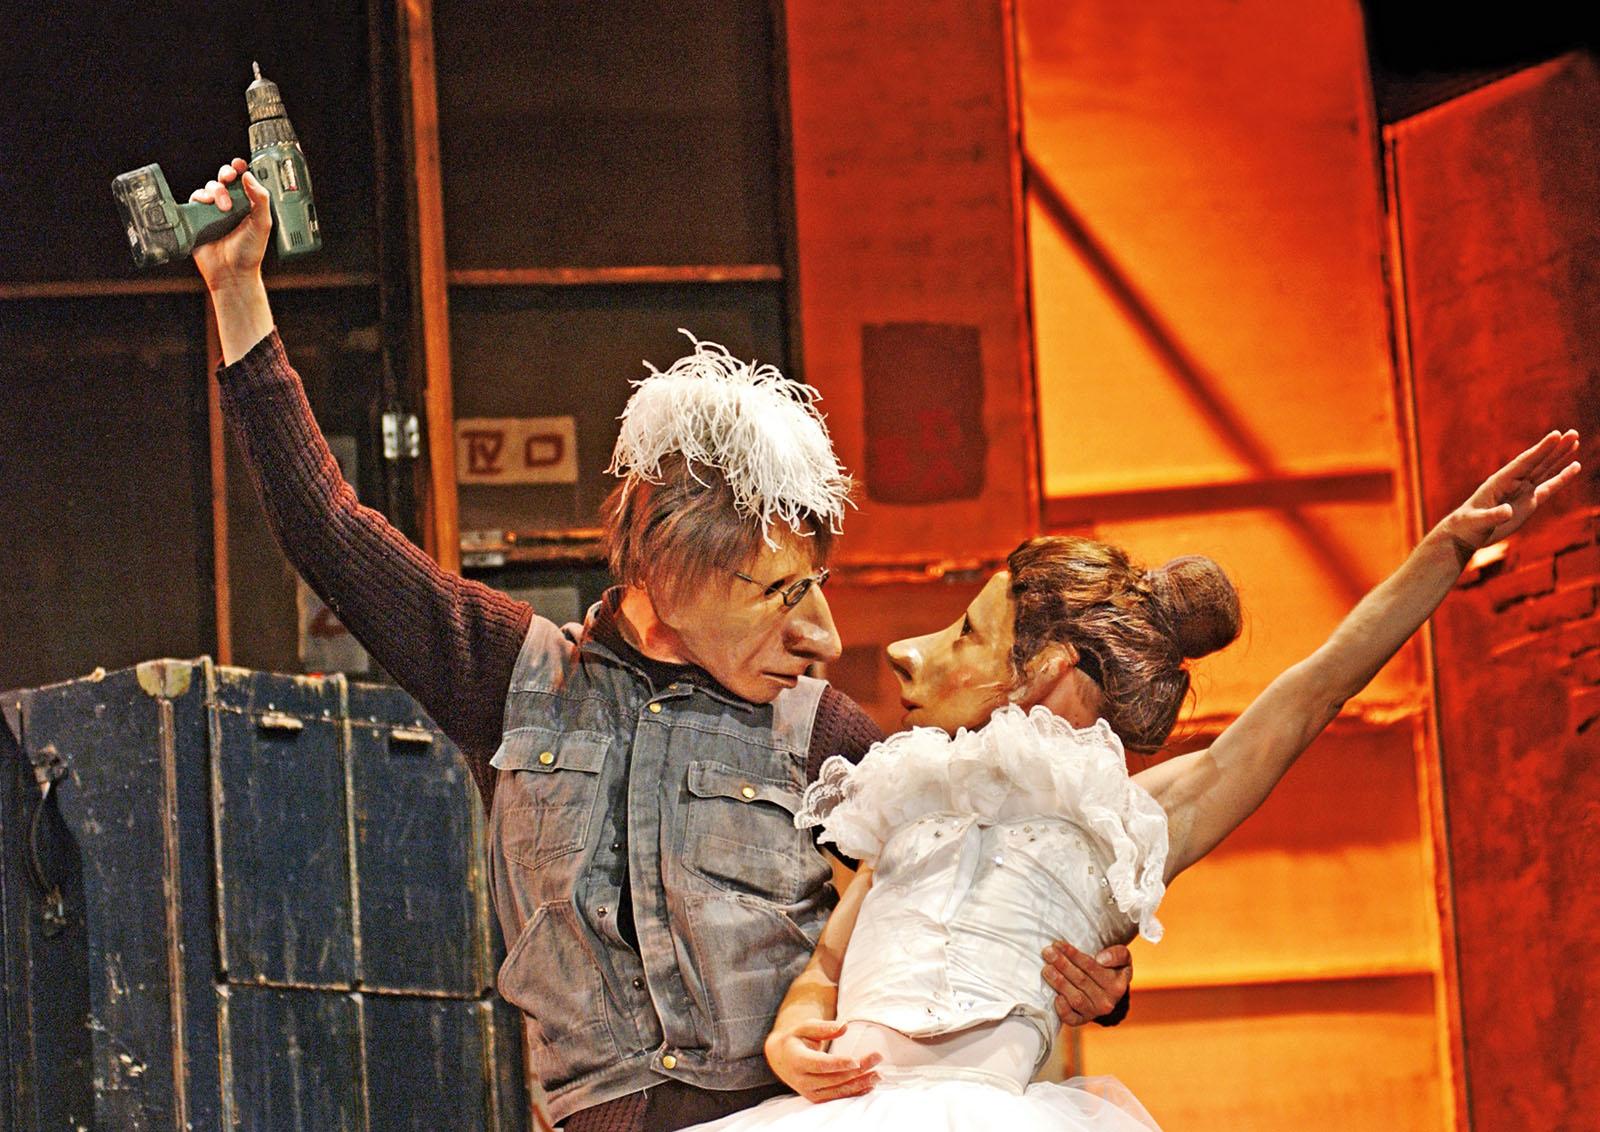 PÚBLICO - A vida mascarada por detrás do palco